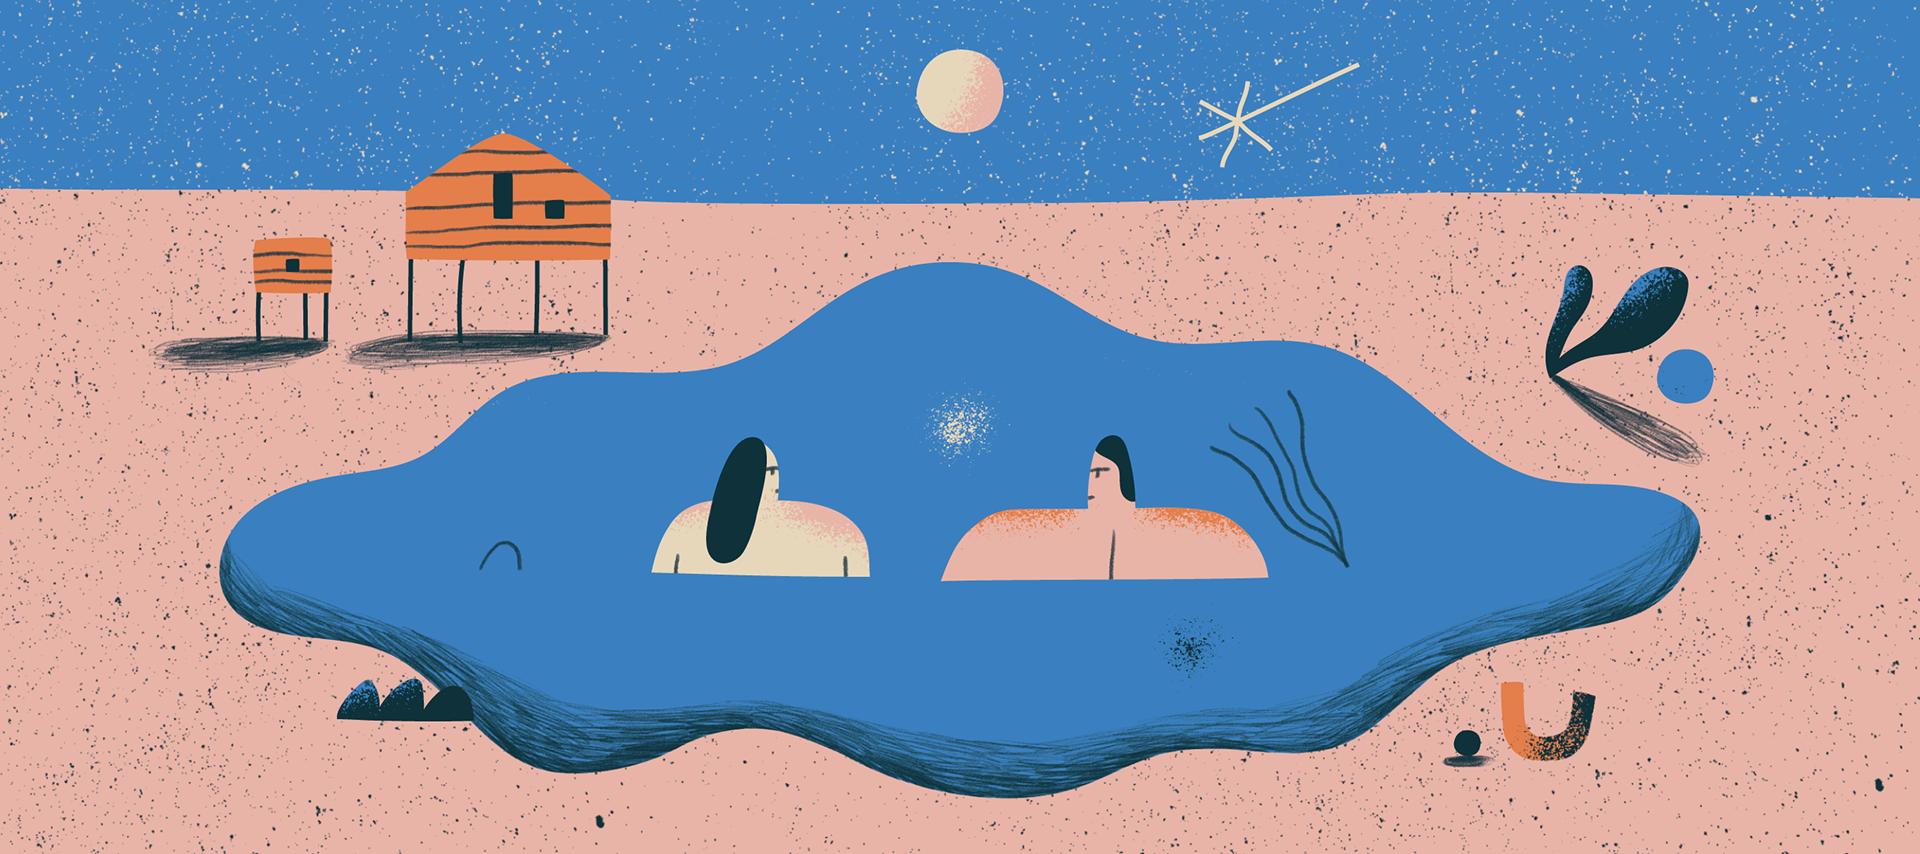 Katie Gorbacheva On Behance Summer Illustrations A Series